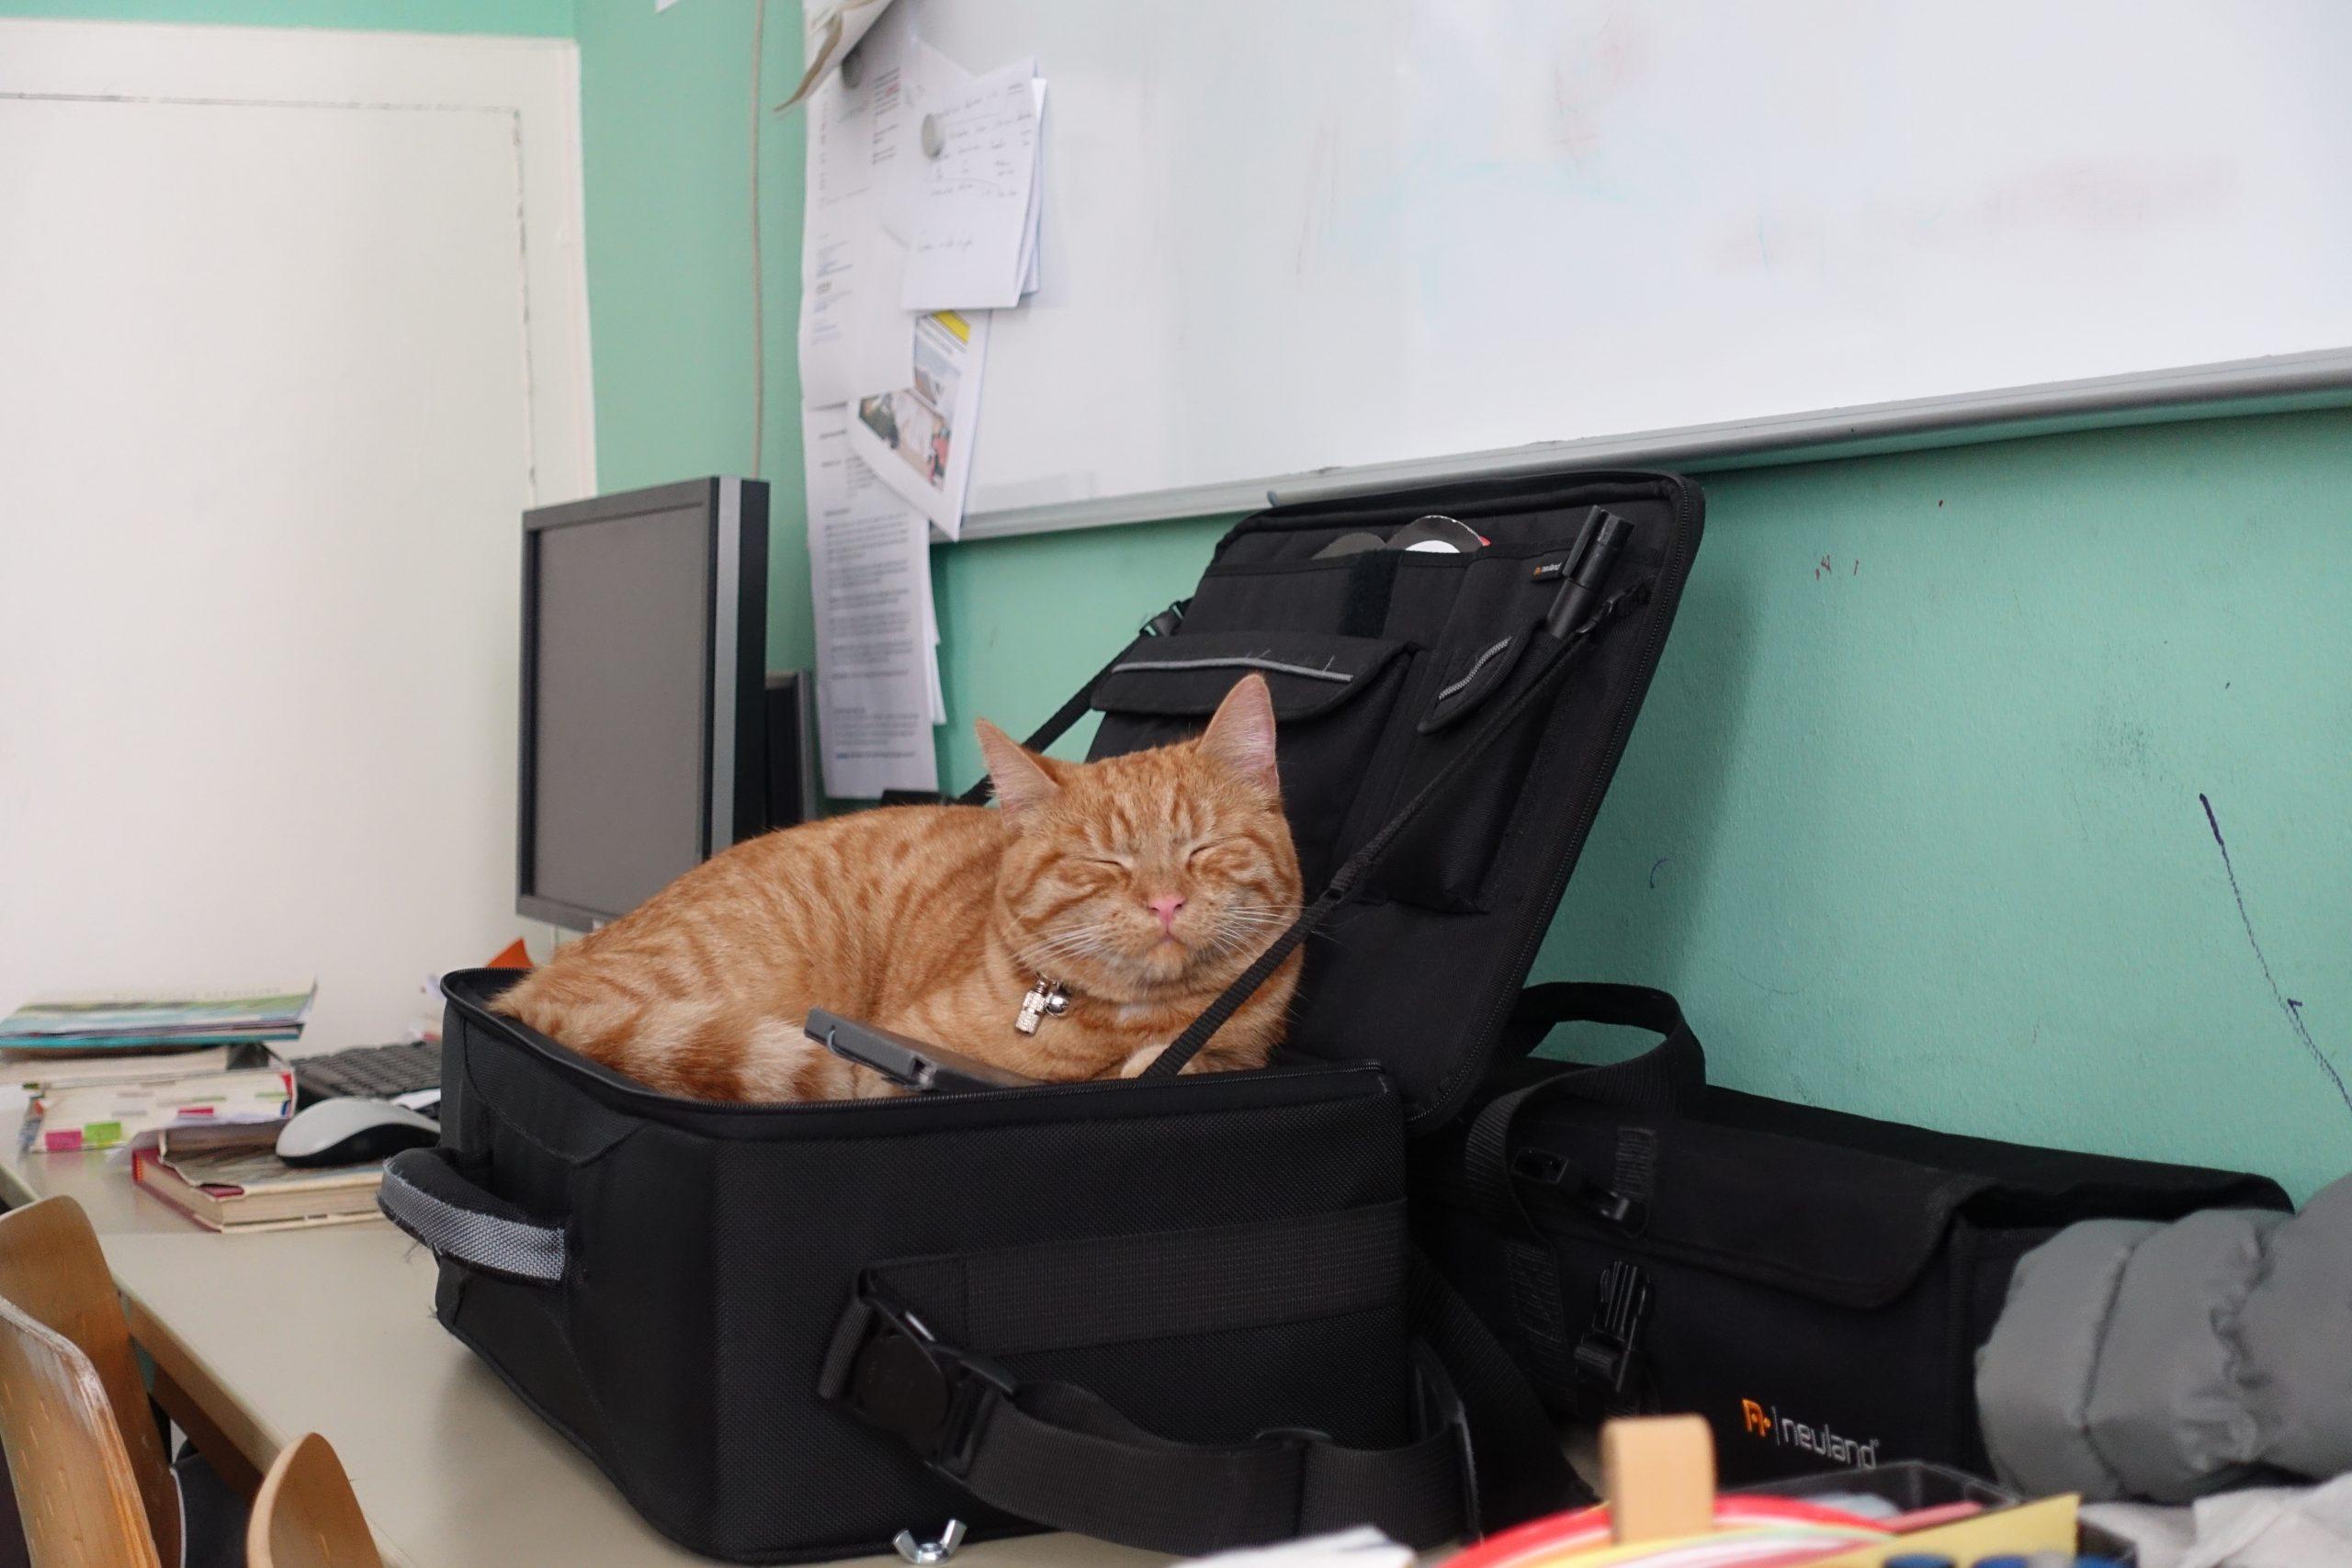 Eine schlafende Katze liegt in einer schwarzen Tasche. Die Tasche steht auf einem Tisch vor einer grünen Wand.